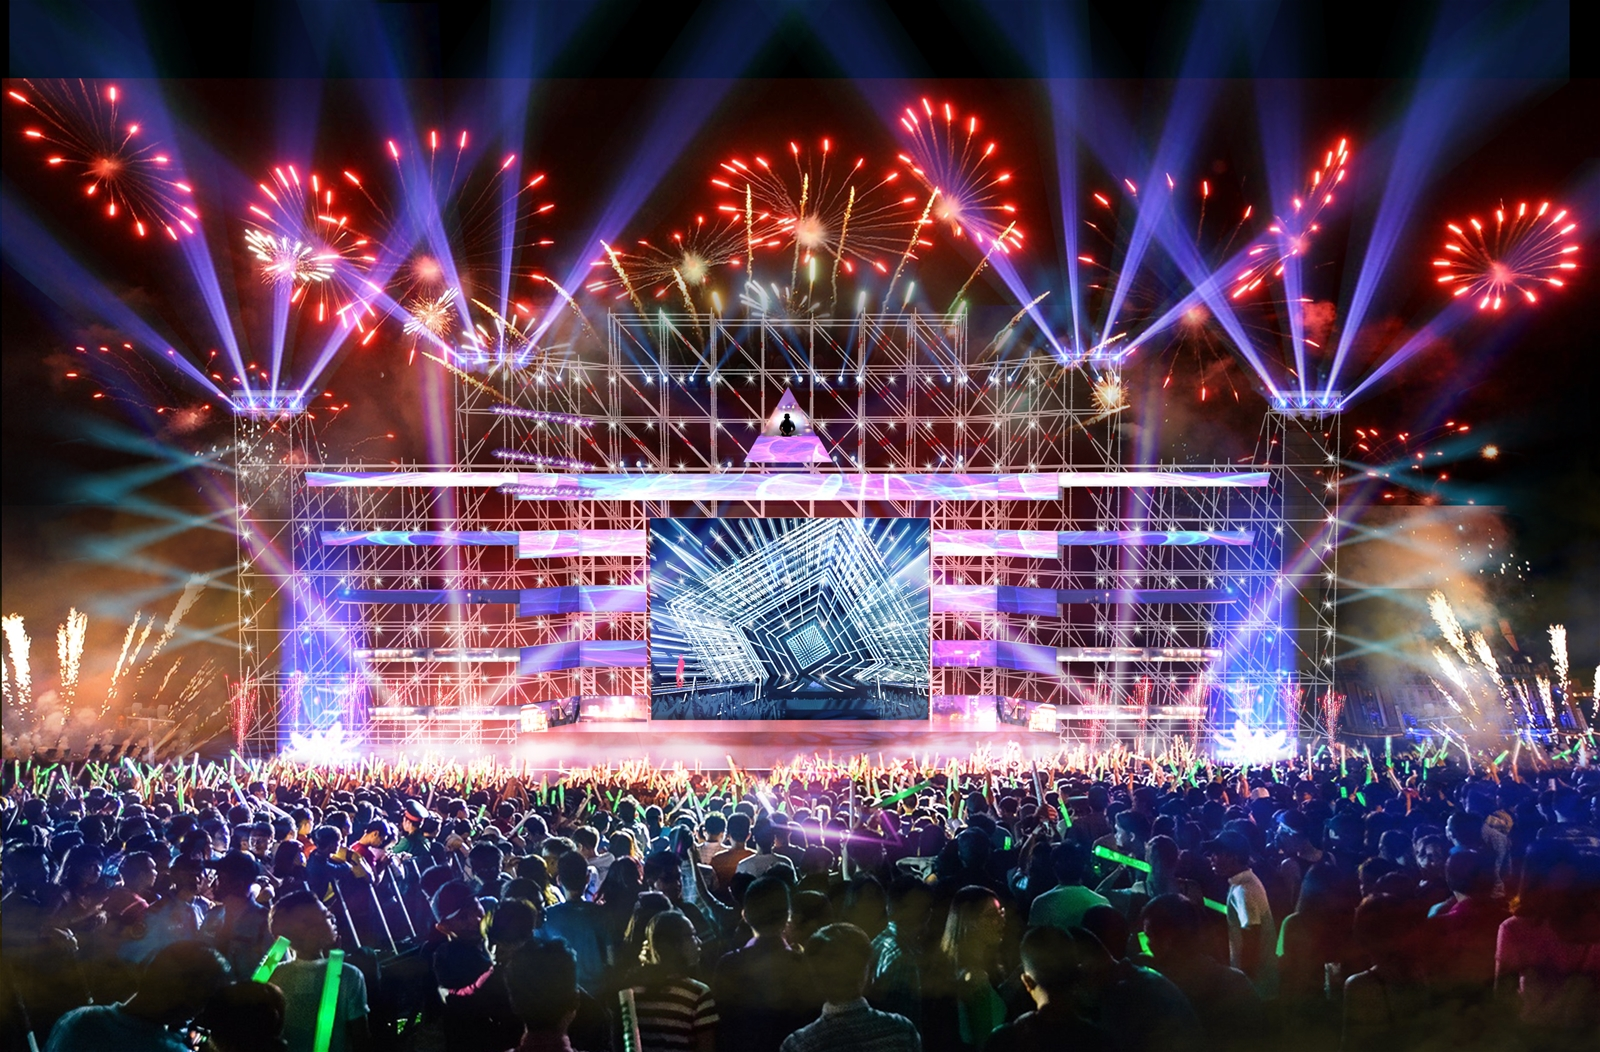 """[ HOT ] Sau bao chờ đợi, lễ hội festival biển Vũng Tàu 2018 """"quẩy thả ga, free vé vào cửa"""" cũng sắp diễn ra rồi"""